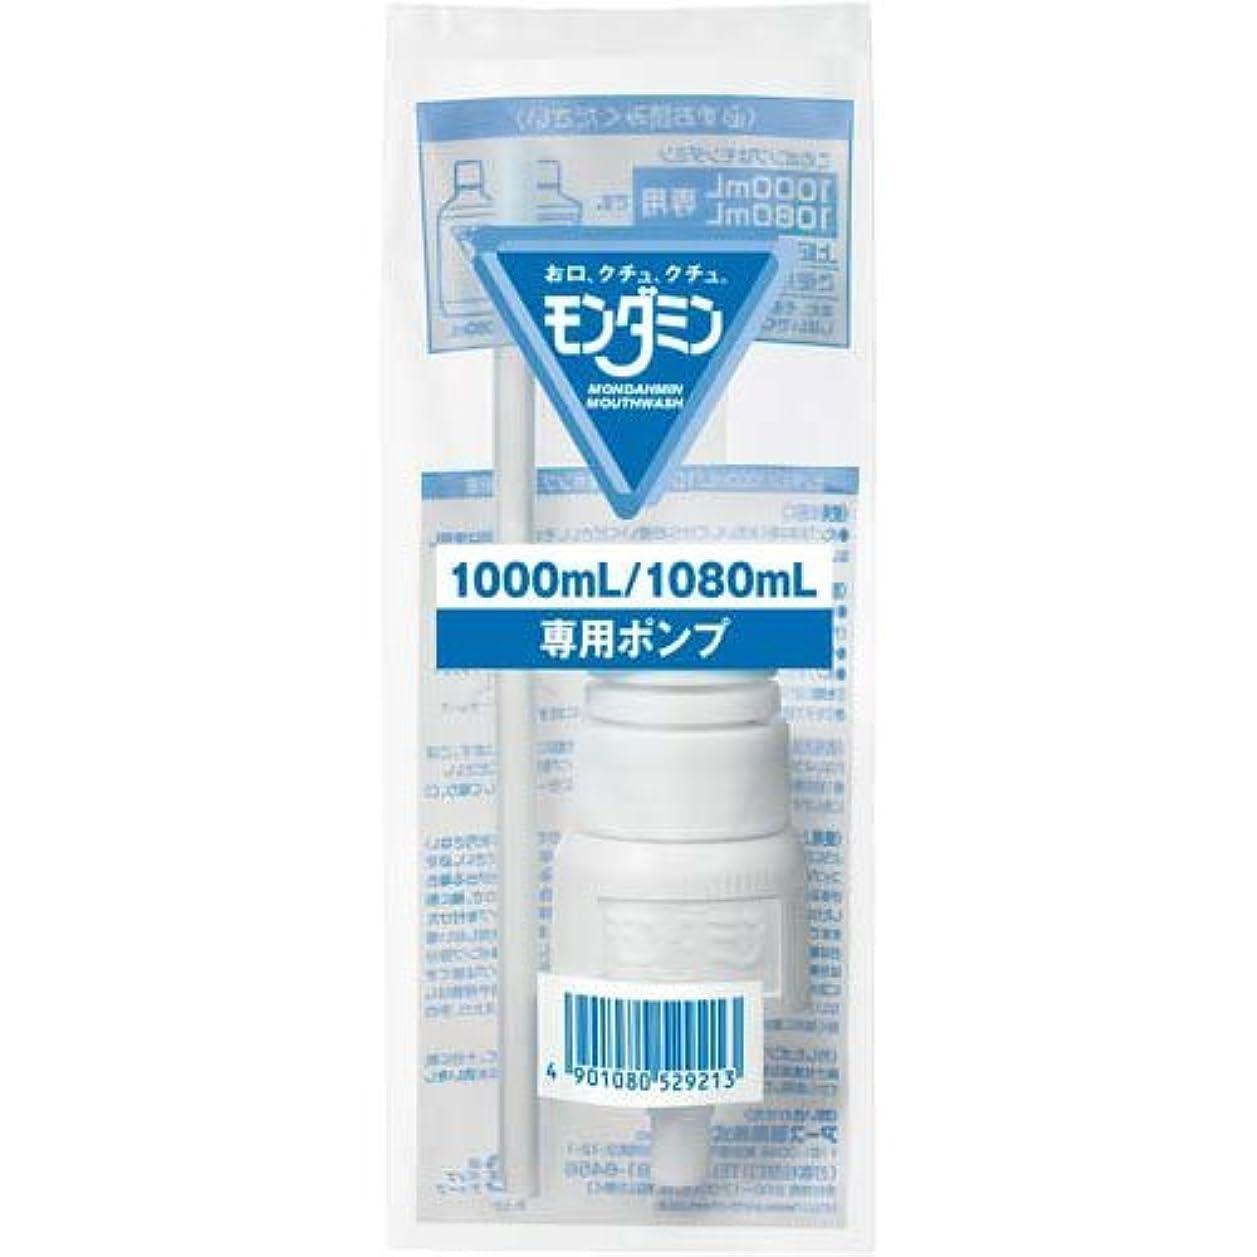 リフレッシュの効率的にアース製薬 モンダミン1080ml専用ポンプ